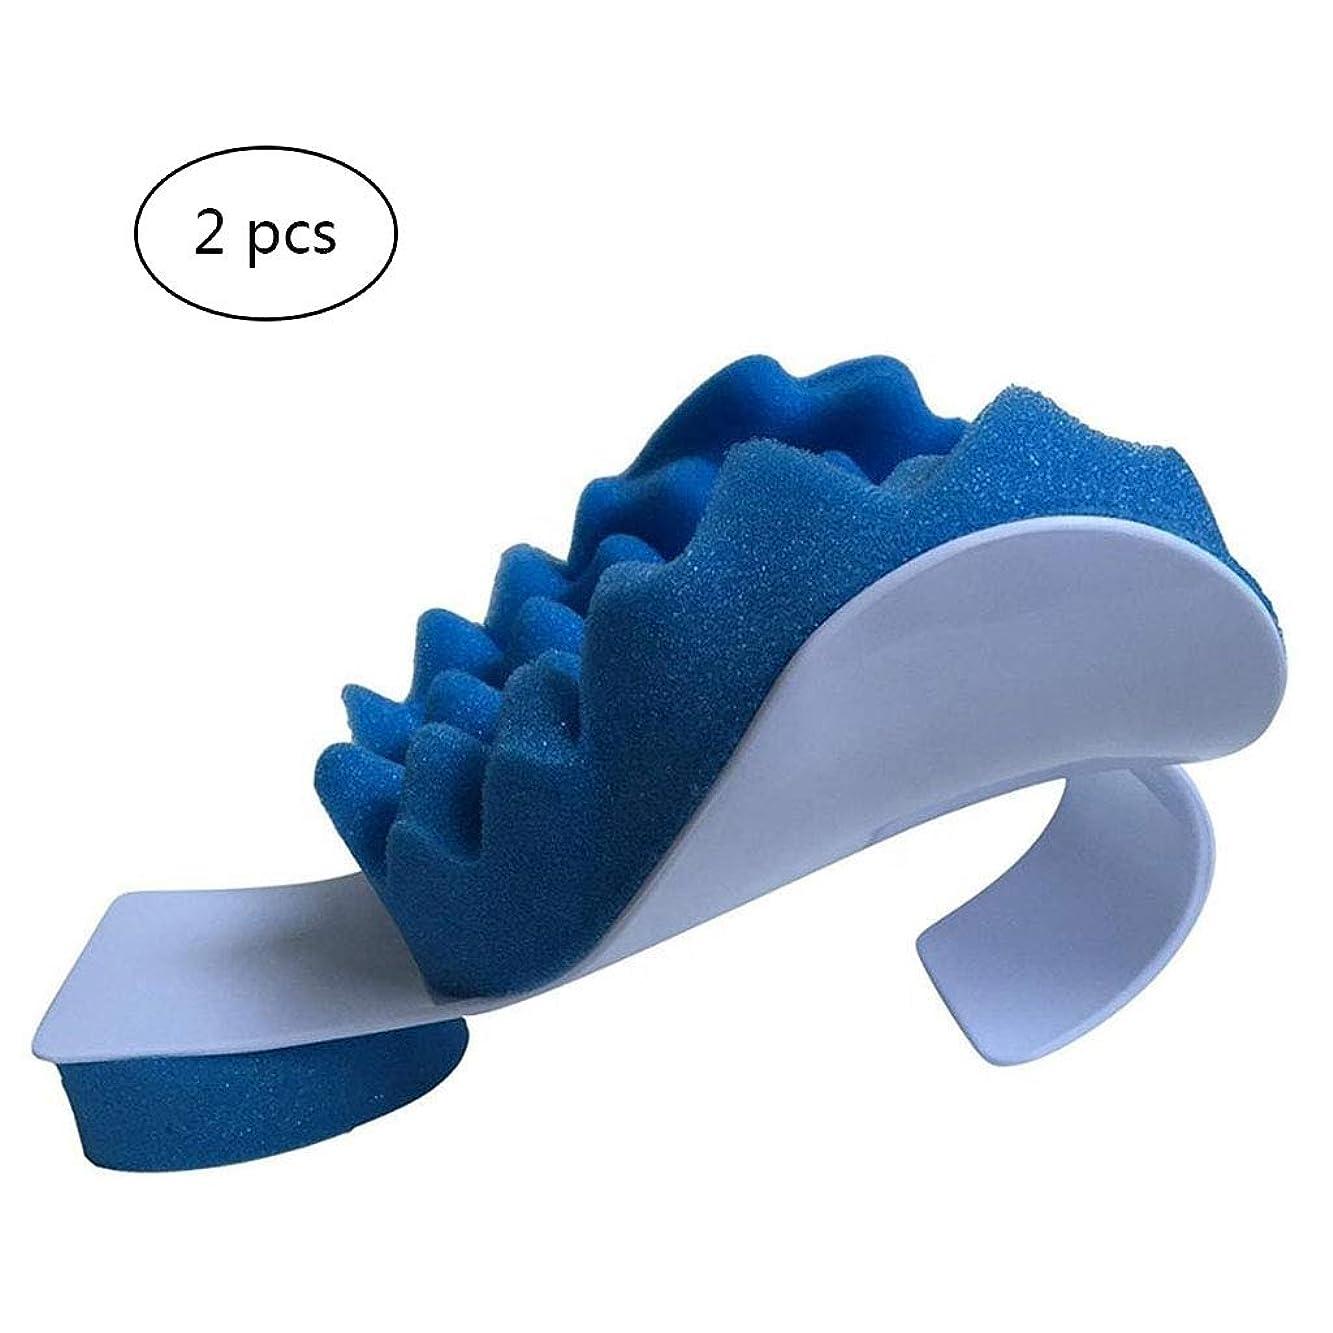 リード力探偵マッサージ牽引枕、カイロプラクティック枕、首と肩のリラクサー頸部枕首の鎮痛管理と頸椎アライメントのための牽引装置